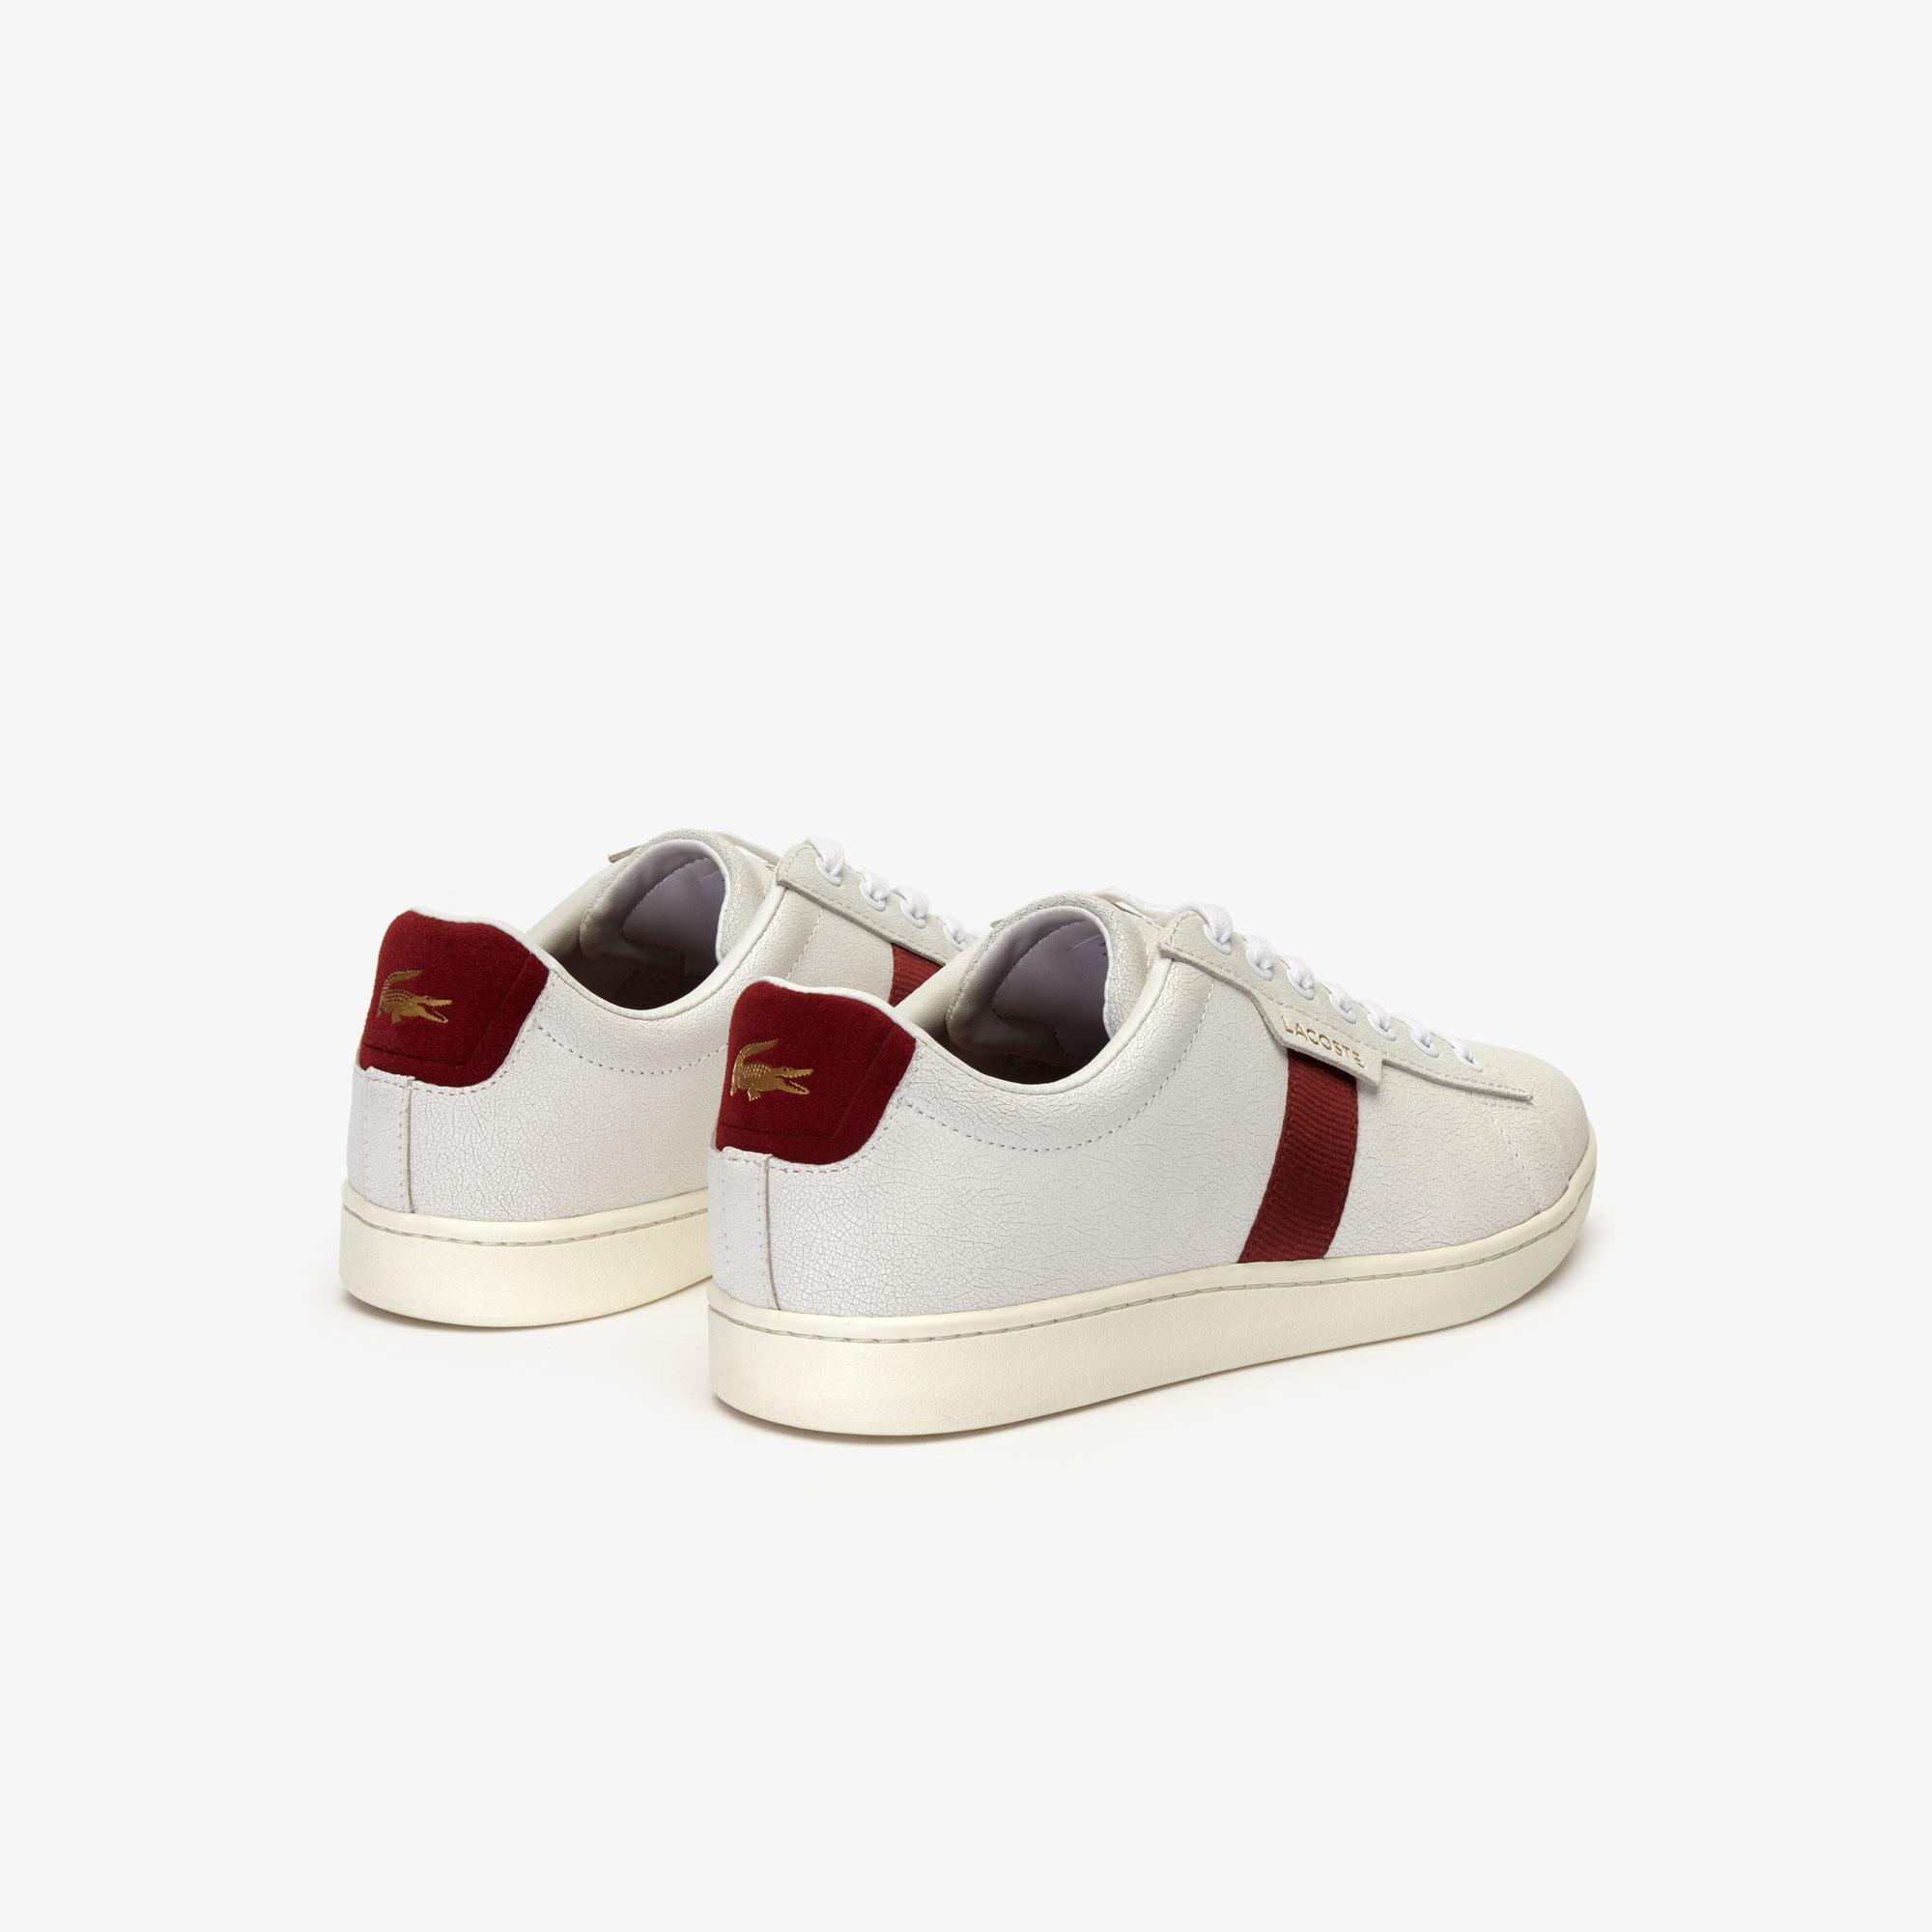 Lacoste Carnaby Evo 319 7 Sma Erkek Beyaz - Koyu Kırmızı Sneaker